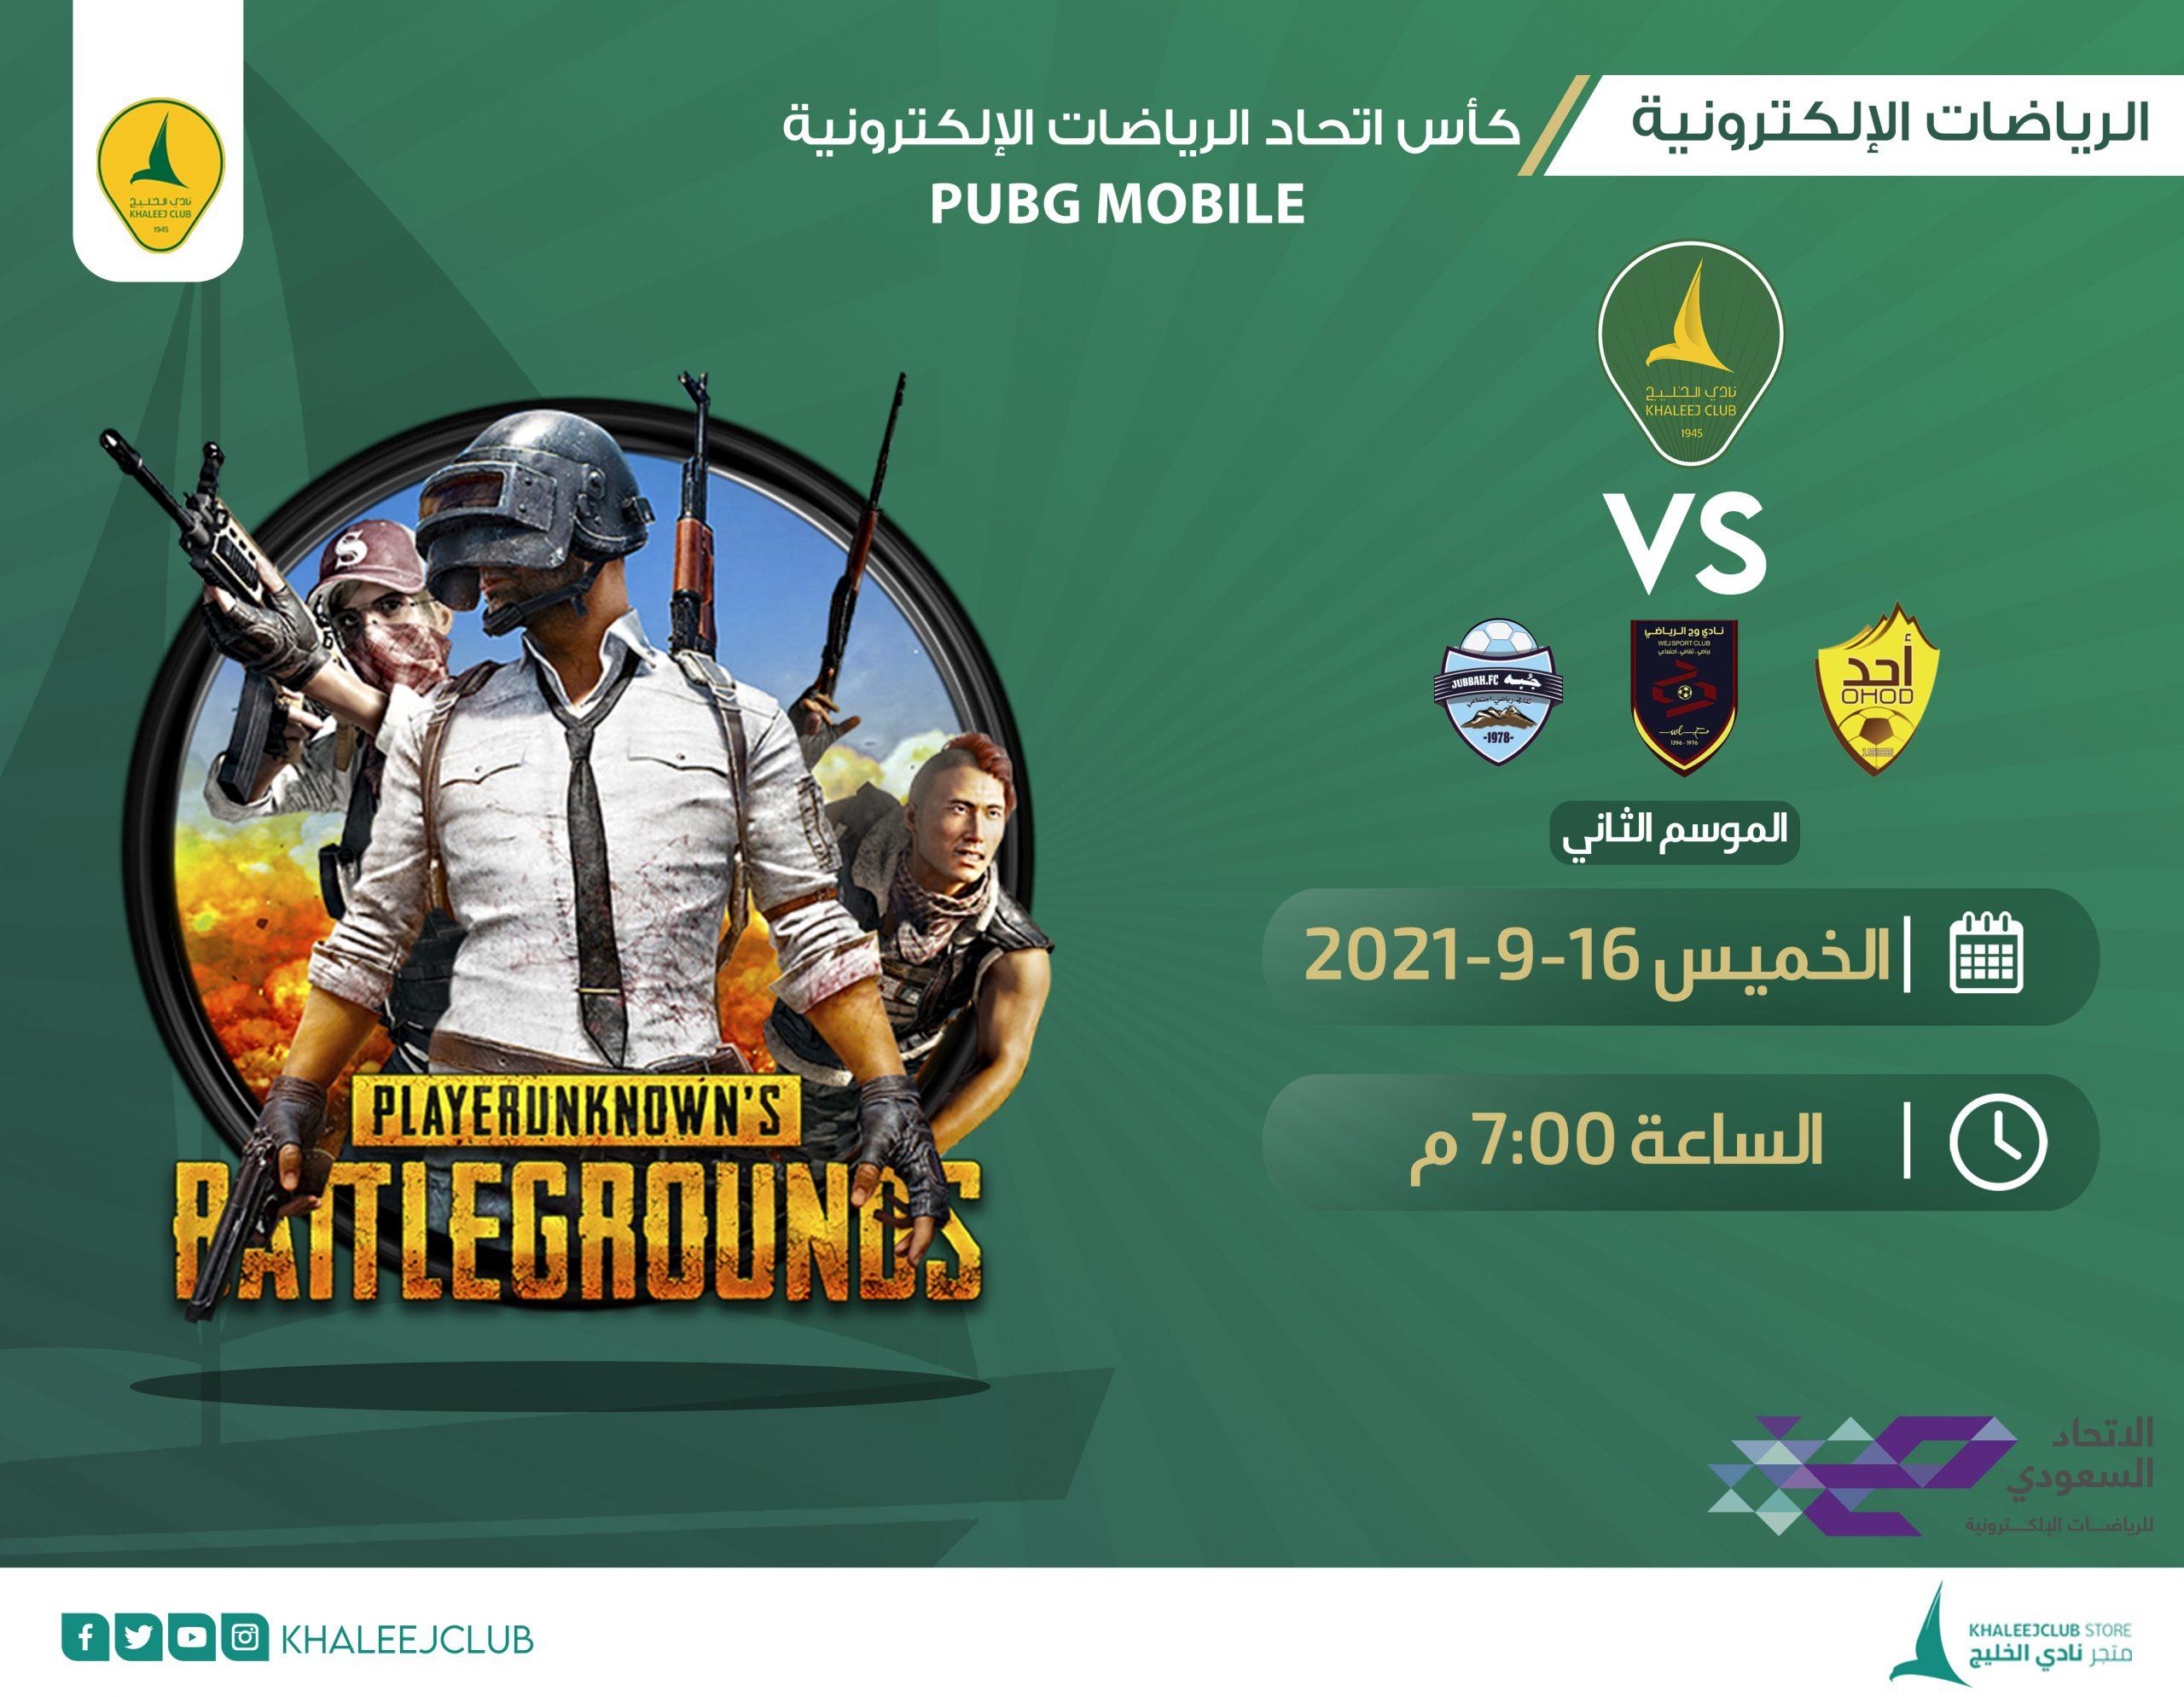 نادي الخليج يشارك في كأس اتحاد الرياضات الإلكترونية – ببجي موبايل للمرة الثانية